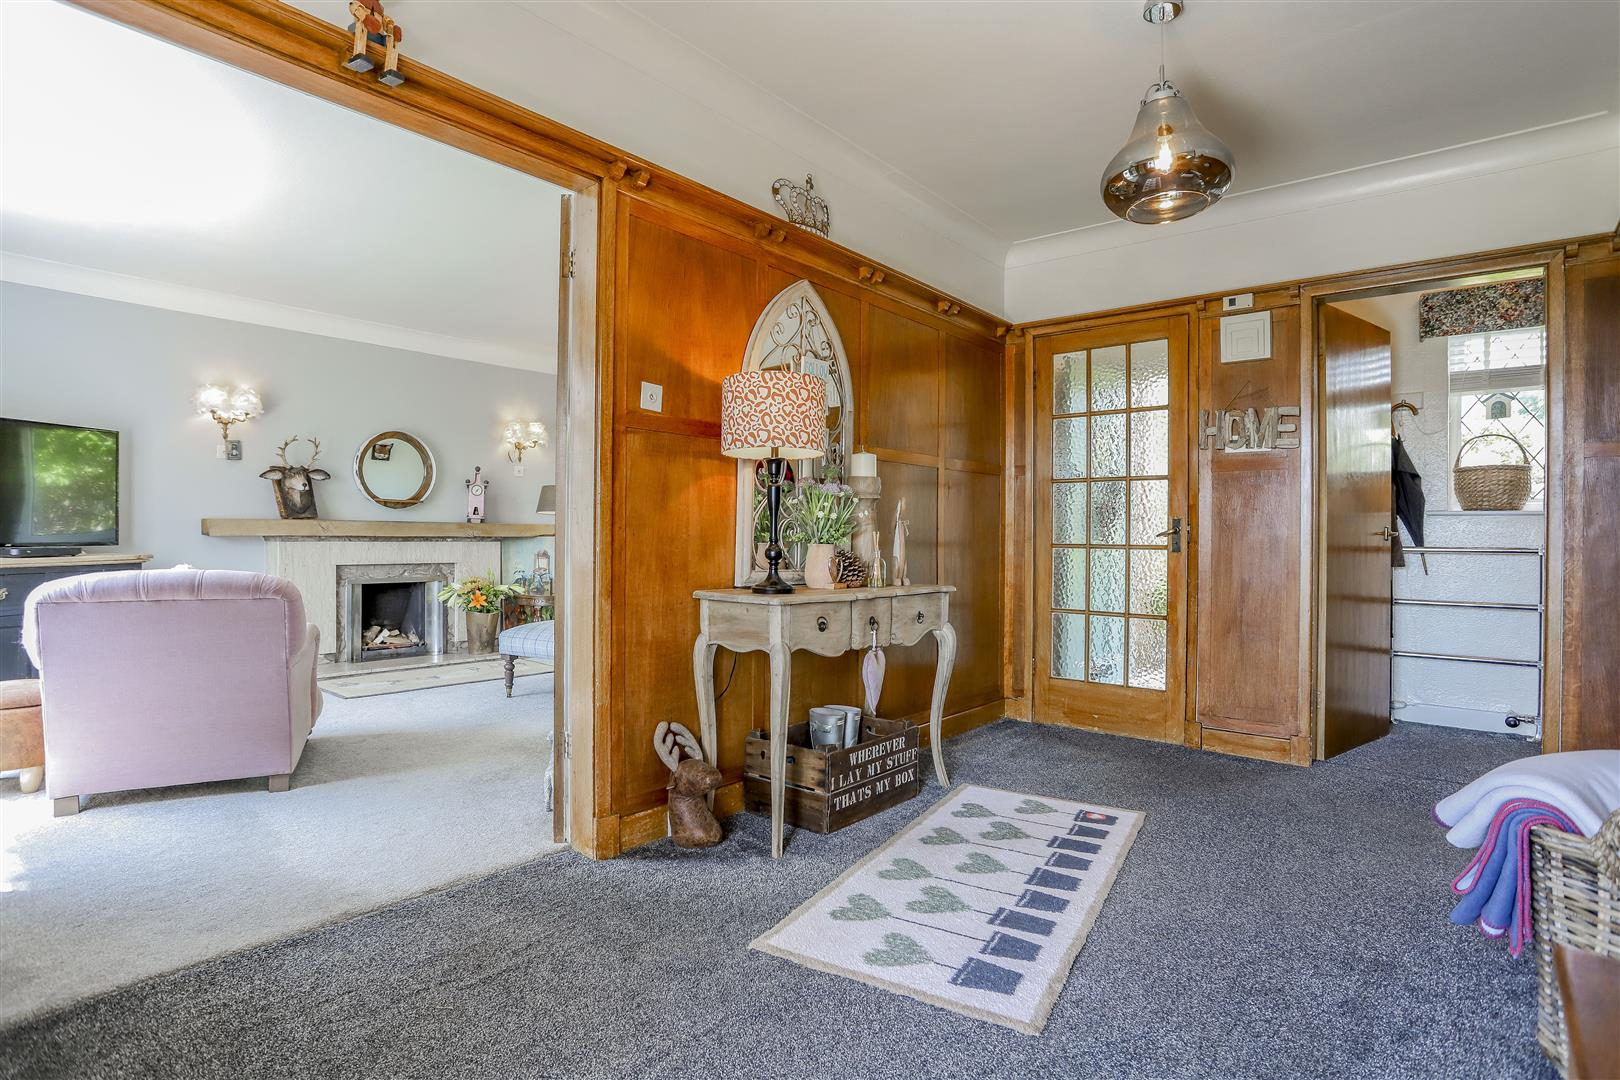 3 Bedroom Detached House For Sale - 40.JPG